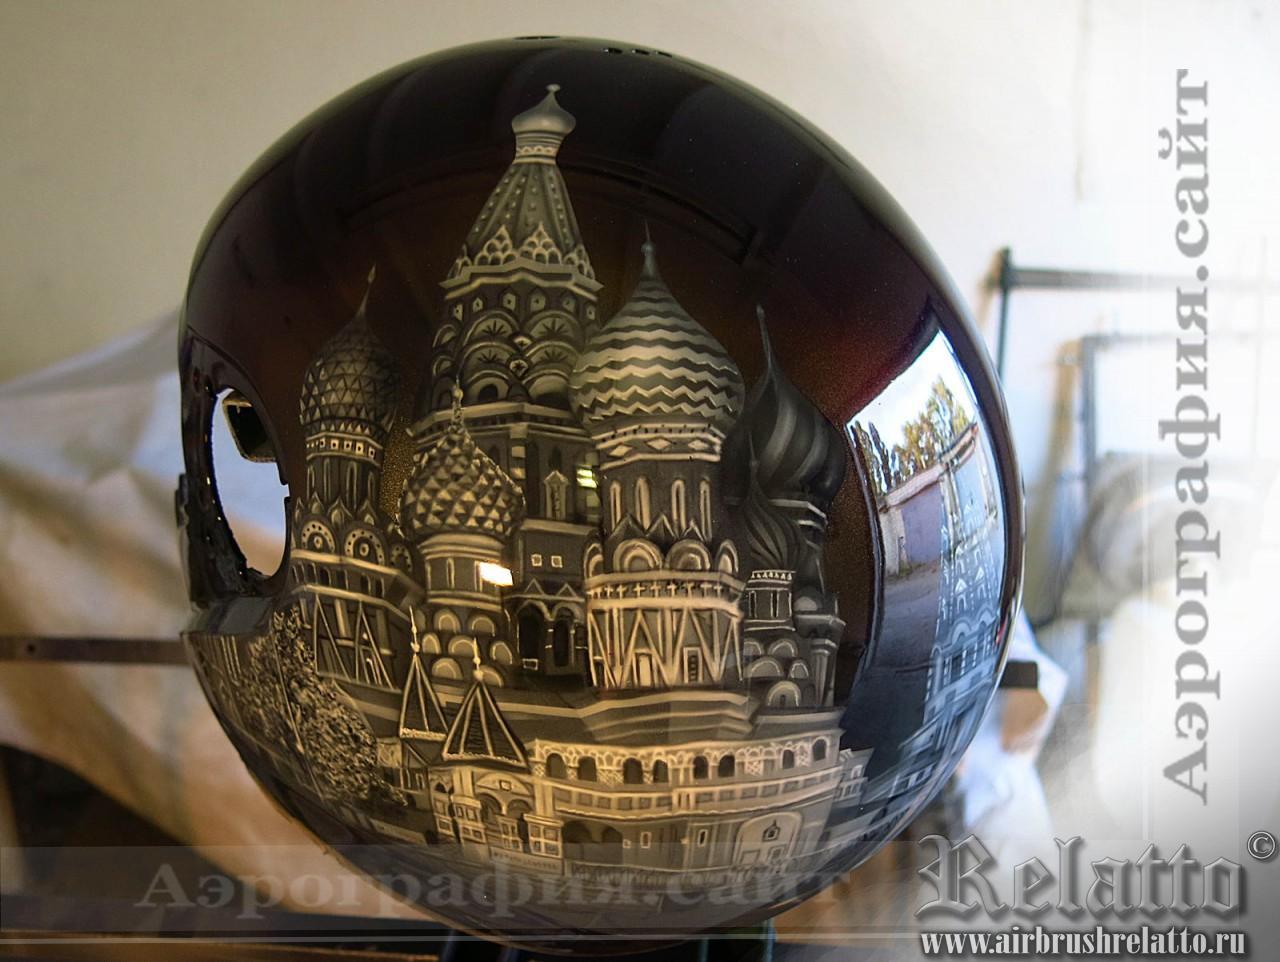 Аэрография шлема Москва Сити и Собор Василия Блаженного